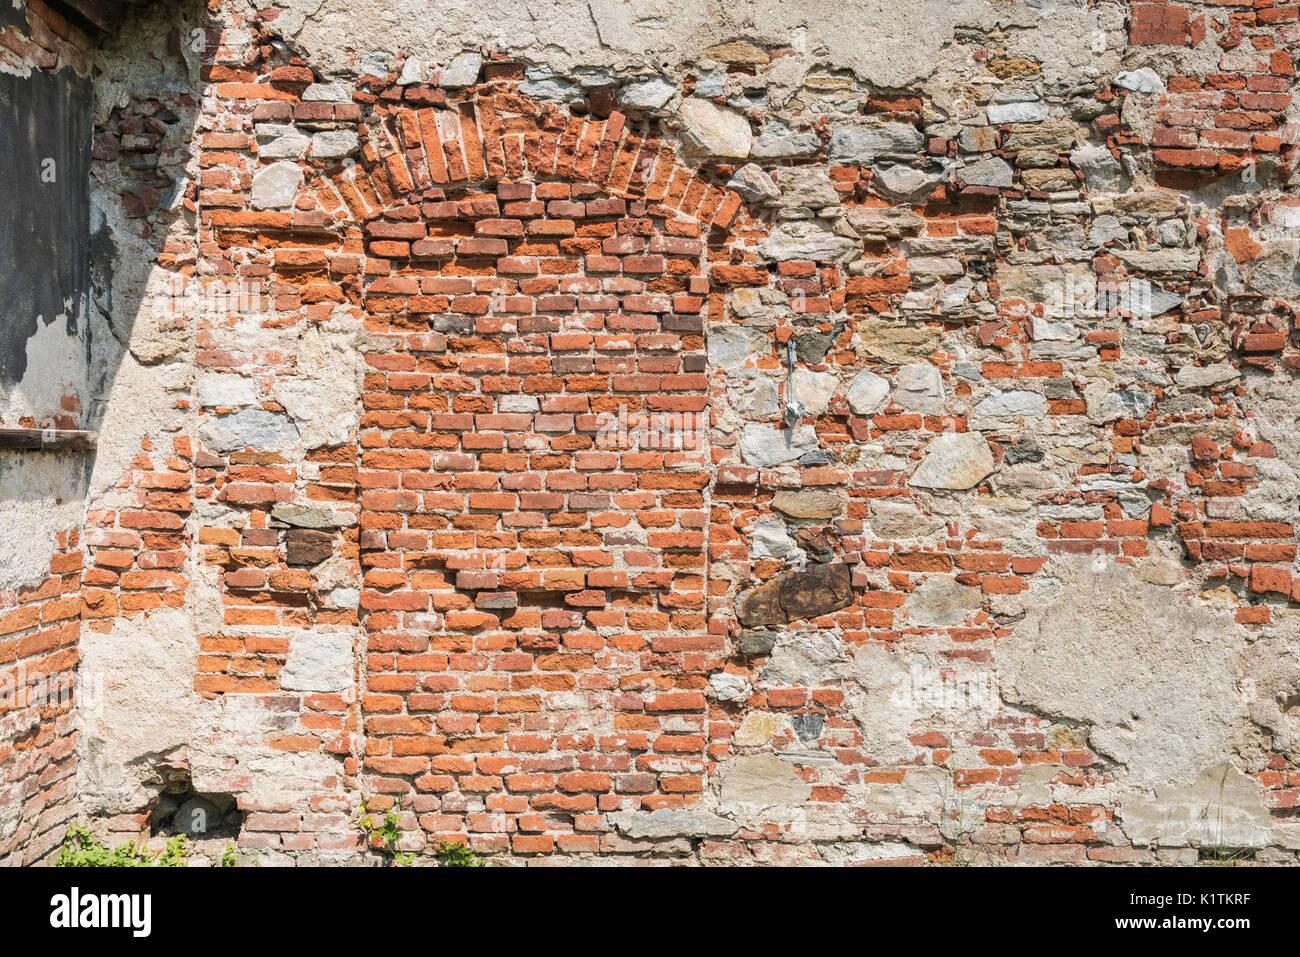 Vista in dettaglio di un muro di mattoni, un ingresso è stata murata chiuso Immagini Stock